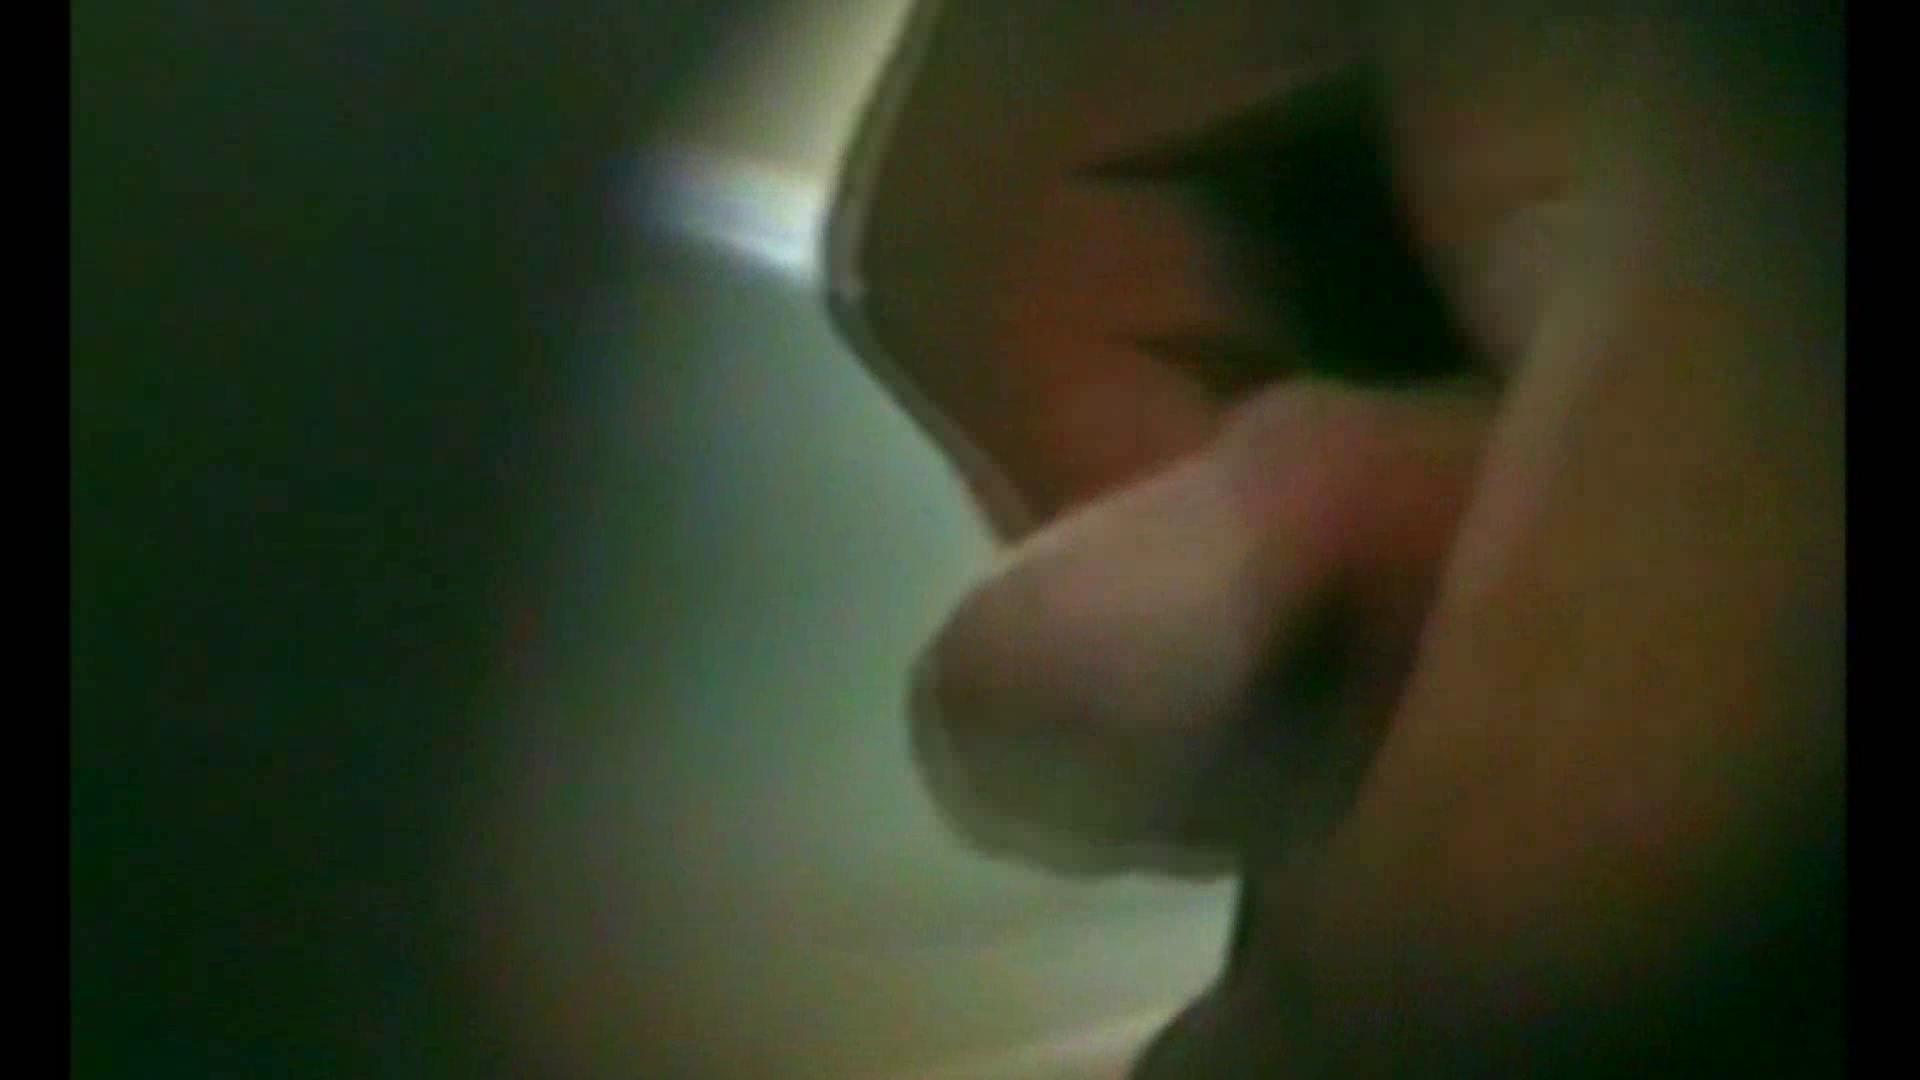 イケメンの素顔in洗面所 Vol.17 おしっこ | イケメンのsex  58pic 37